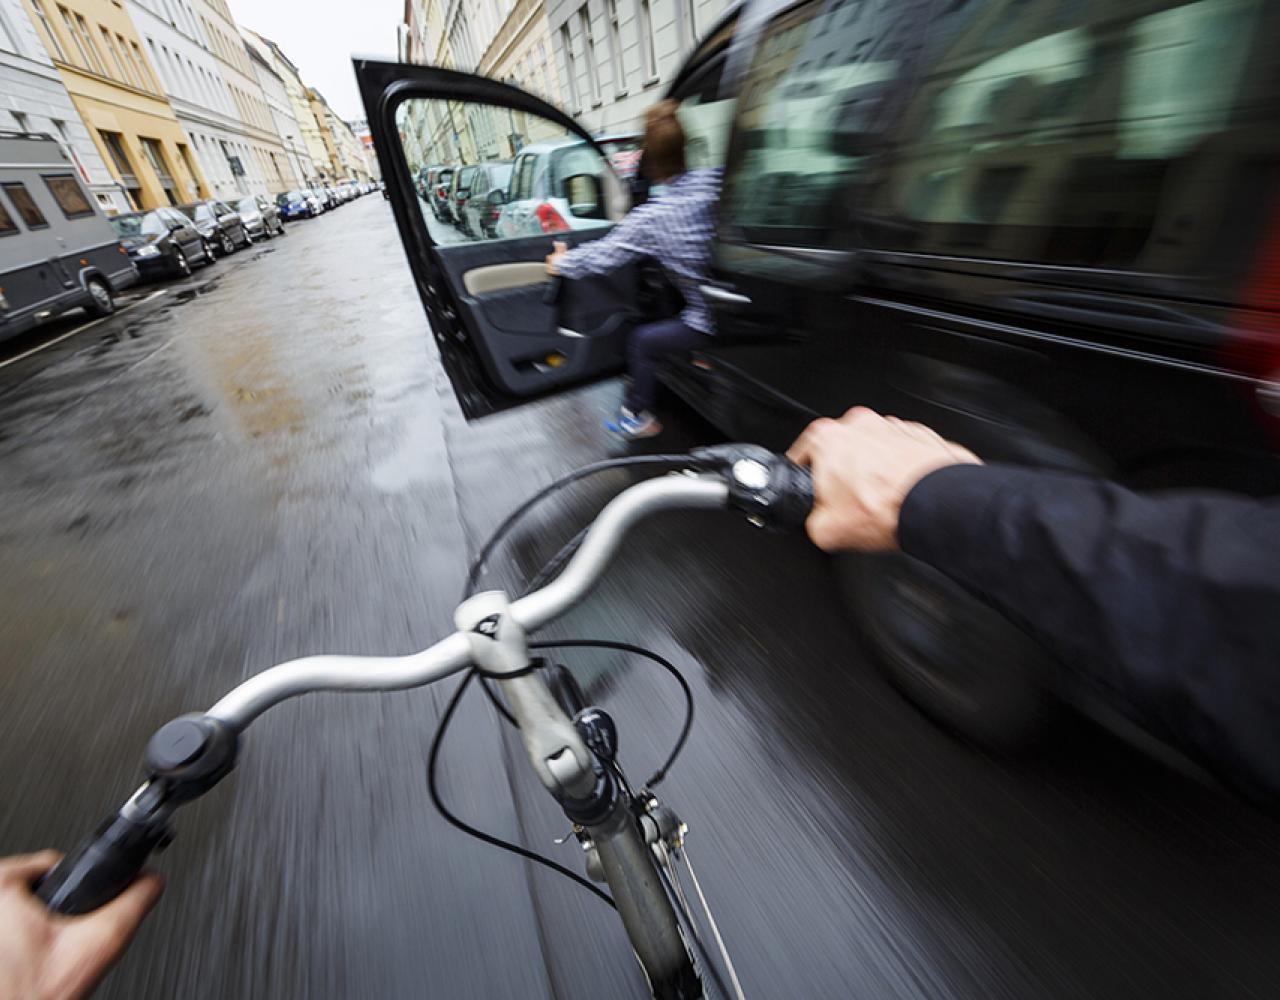 car door opening cyclist